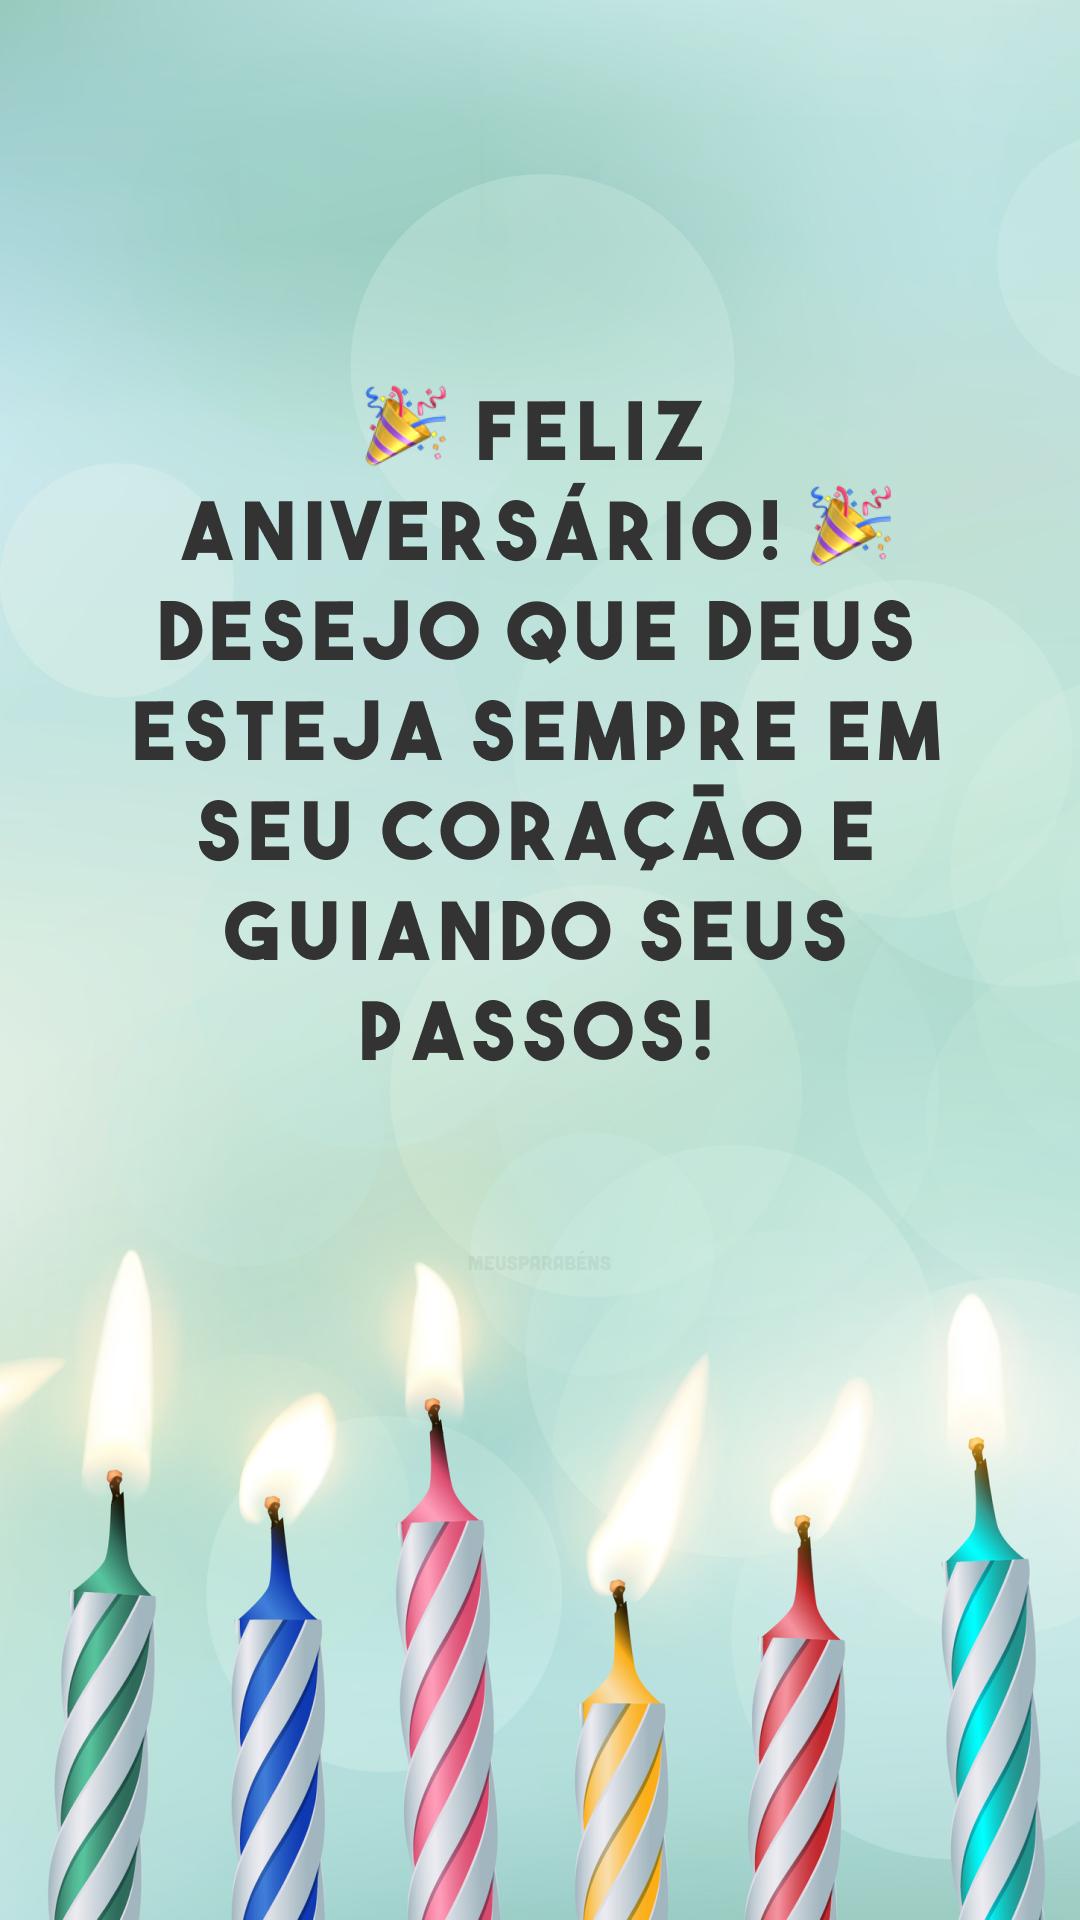 🎉 Feliz aniversário! 🎉 Desejo que Deus esteja sempre em seu coração e guiando seus passos!